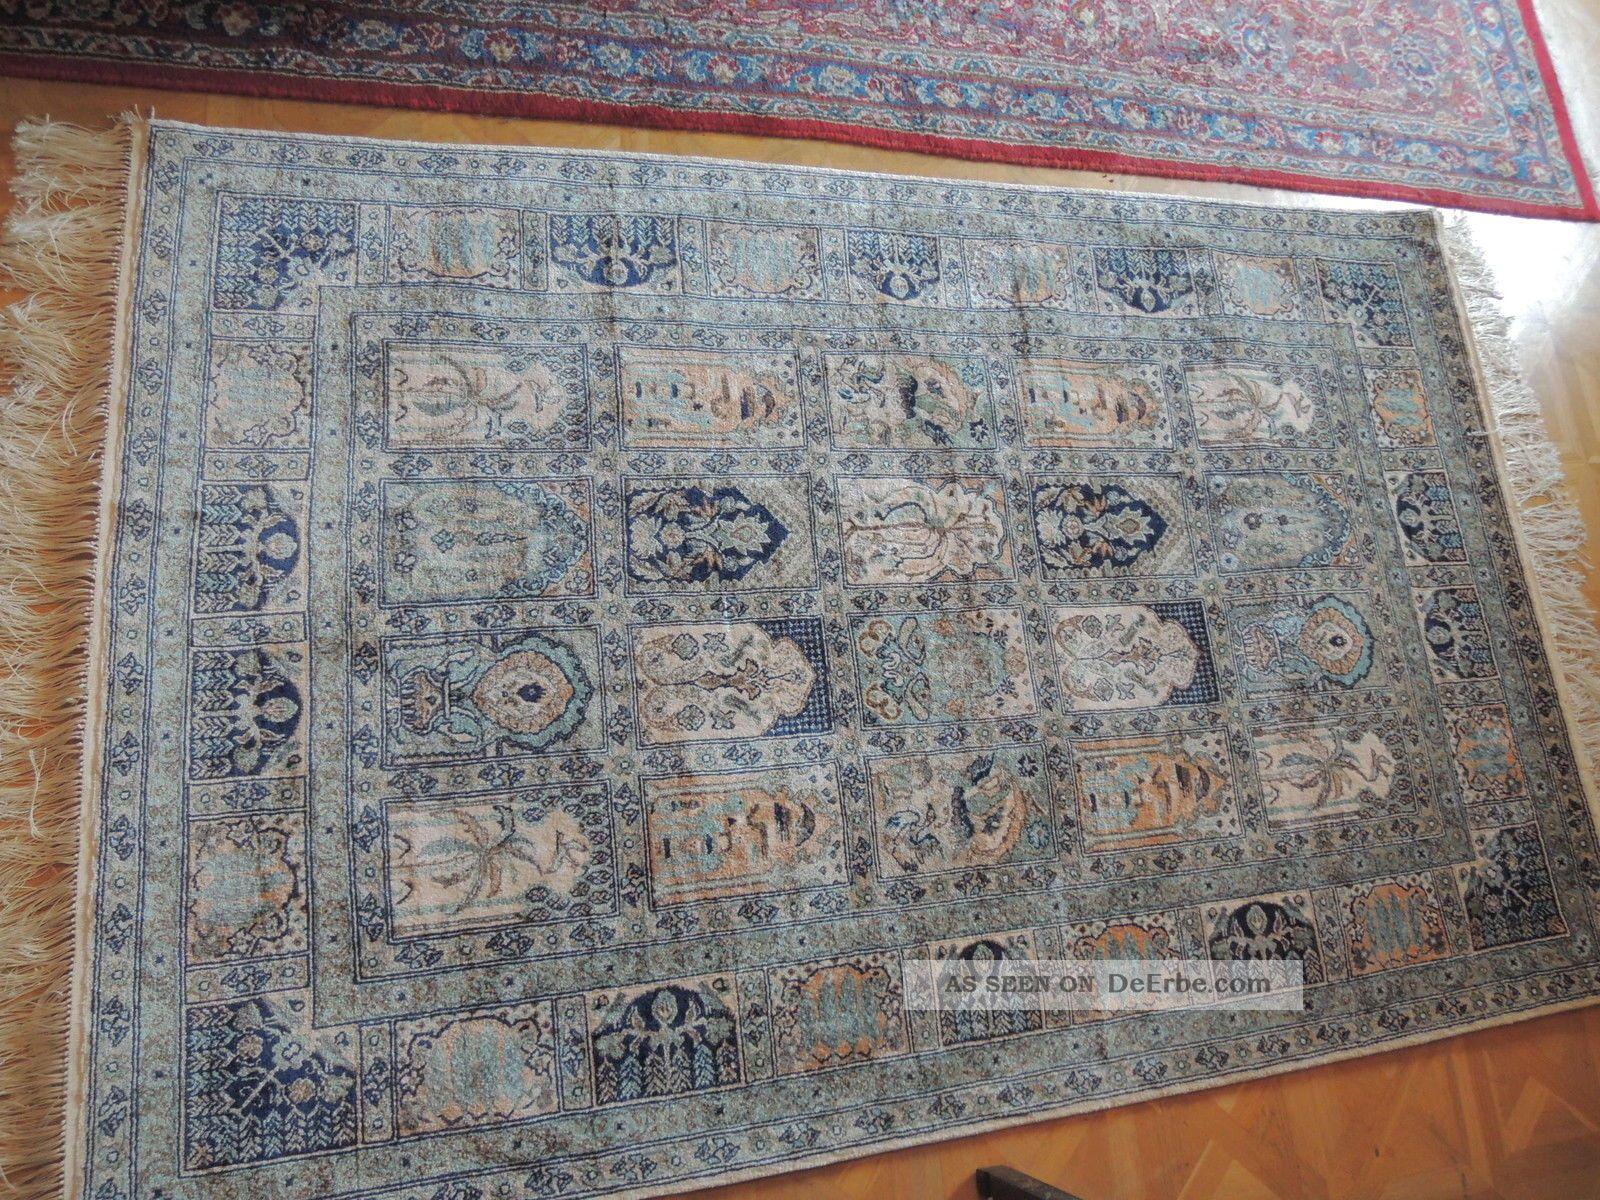 teppiche aus tunesien amazing groer alter orient teppich tunesien handarbeit kairouan erste. Black Bedroom Furniture Sets. Home Design Ideas